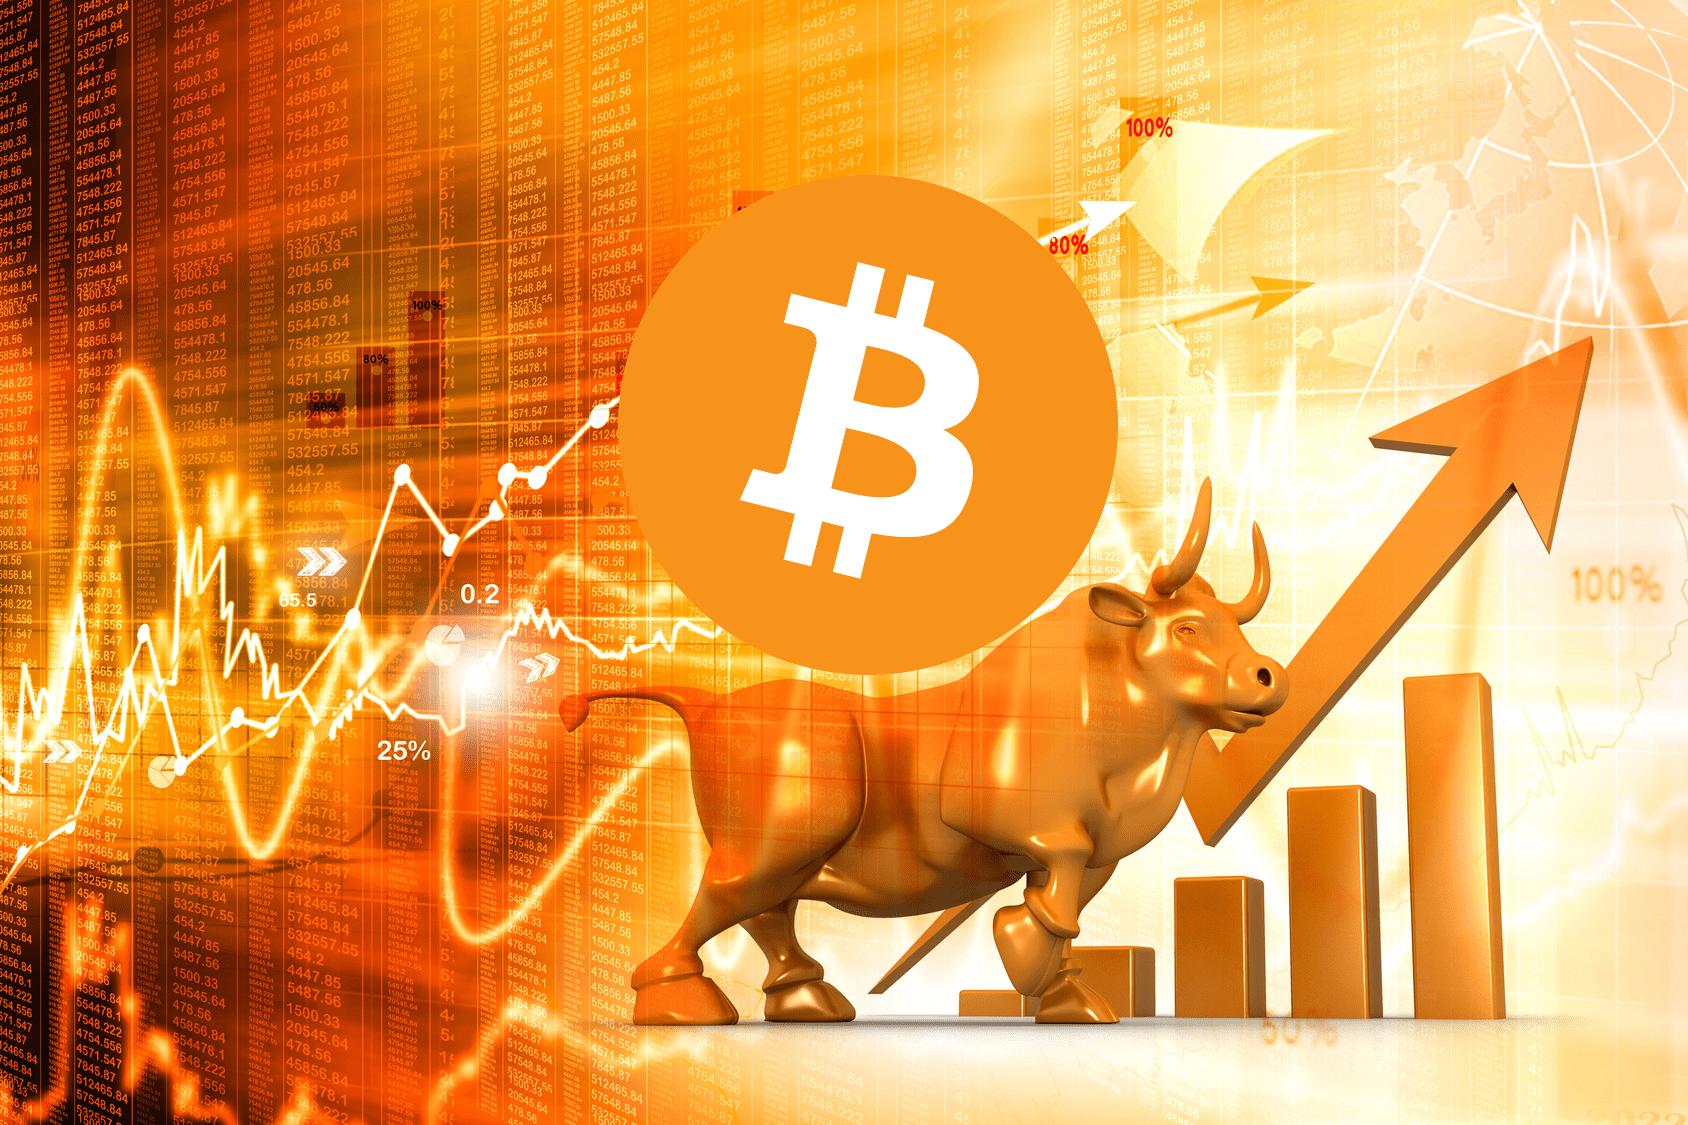 Почему биткойн по цене 100 тысяч долларов остается сильным, несмотря на обвал рынка